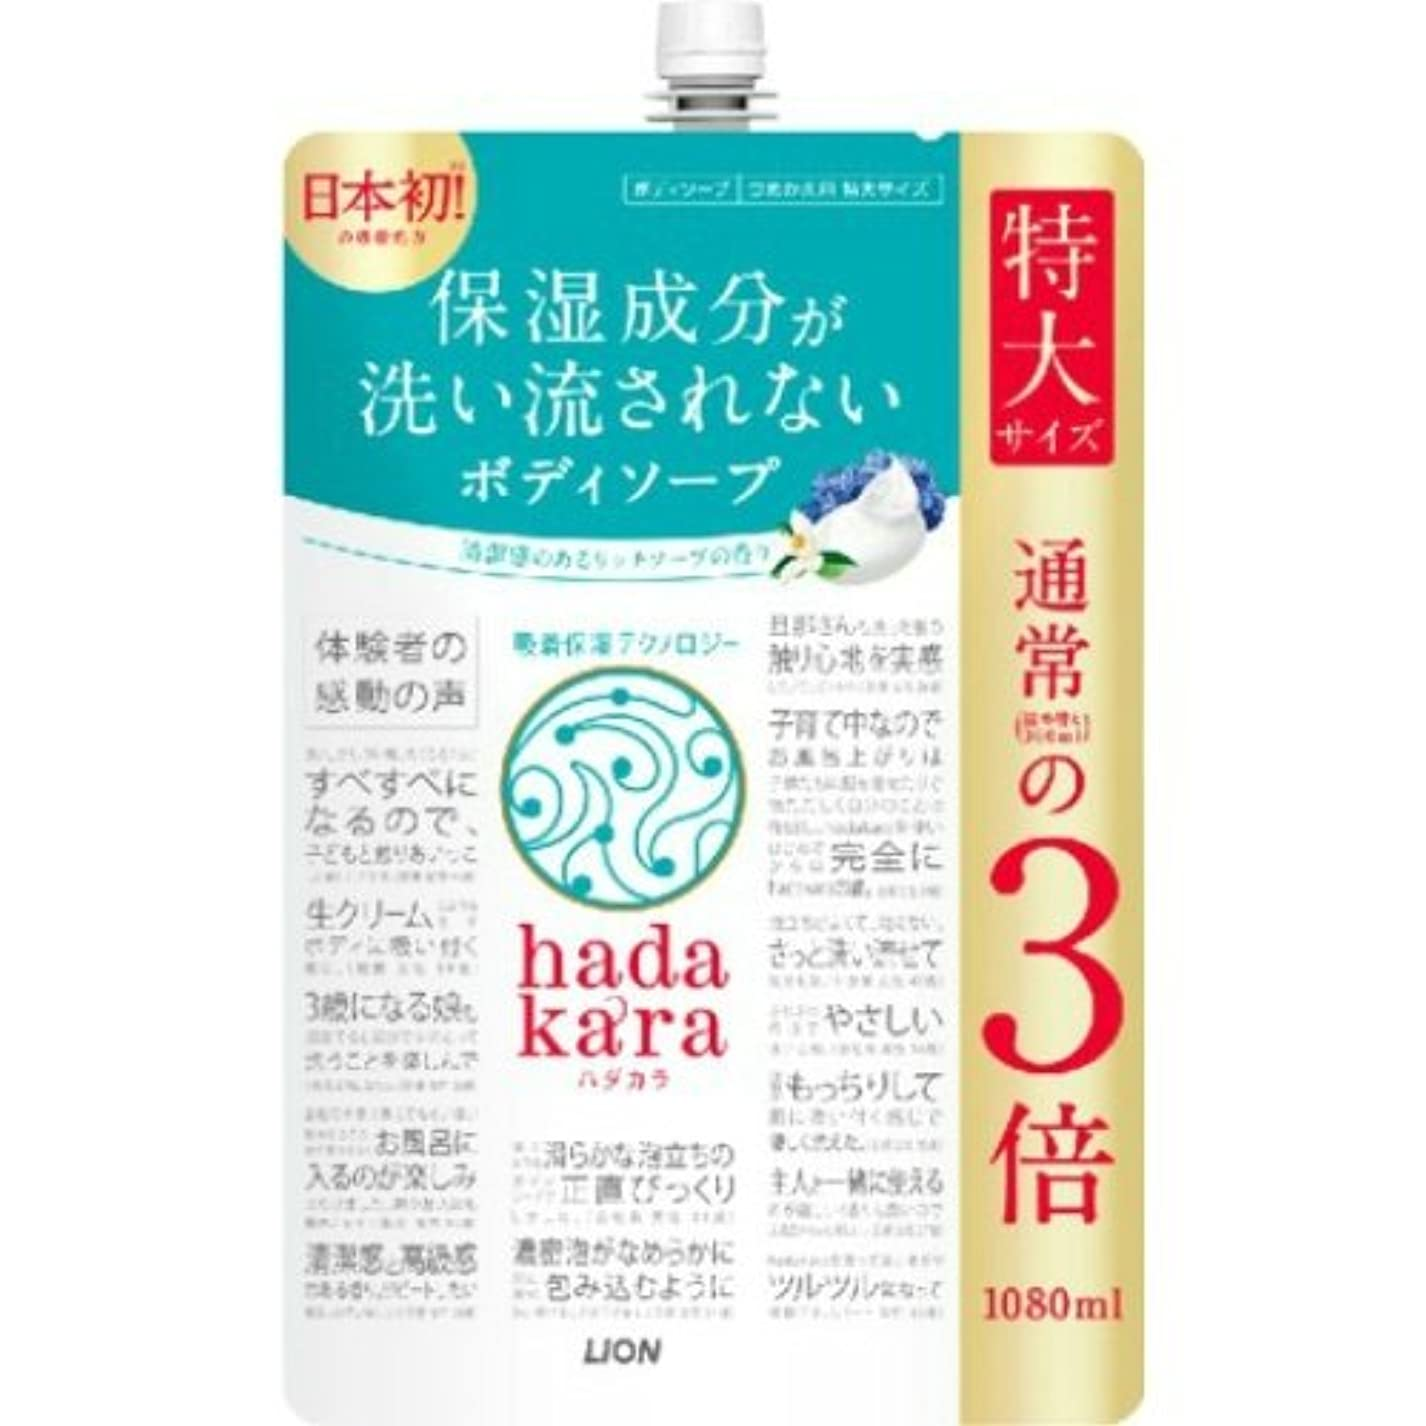 技術的な農夫首尾一貫したLION ライオン hadakara ハダカラ ボディソープ リッチソープの香り つめかえ用 特大サイズ 1080ml ×006点セット(4903301260882)